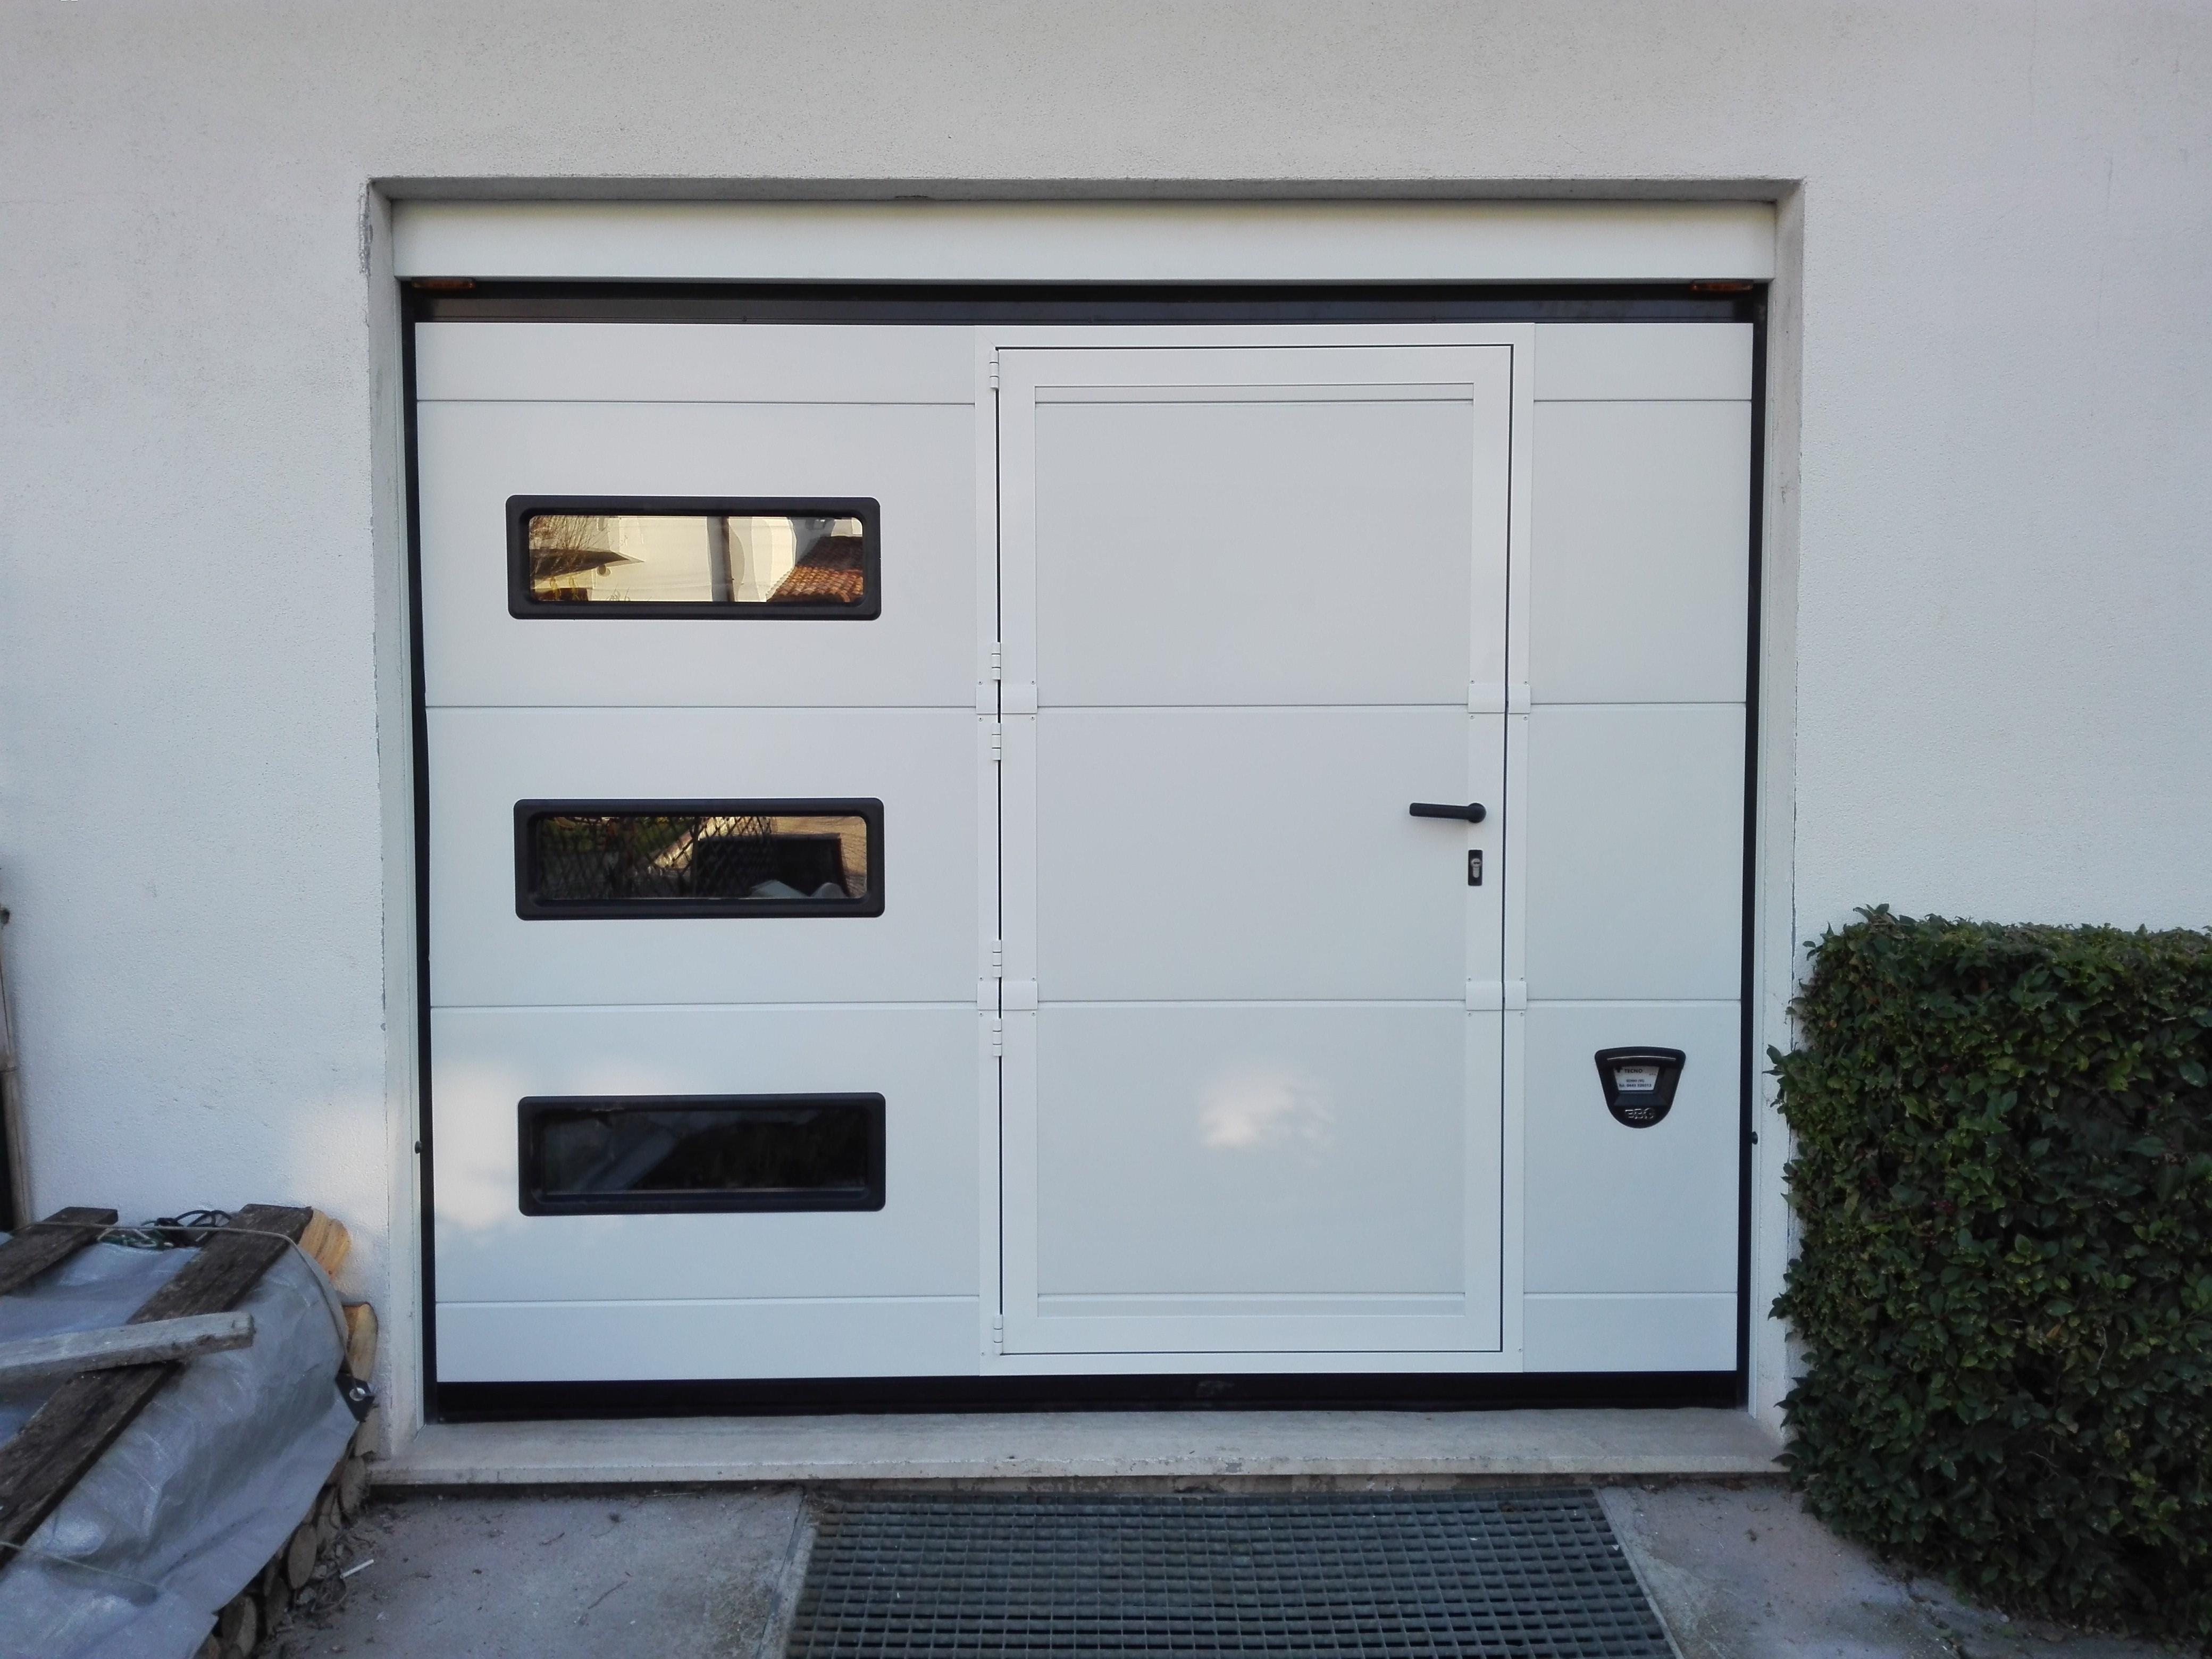 Portone sezionale con 3 oblò in verticale e porta pedonale inserita